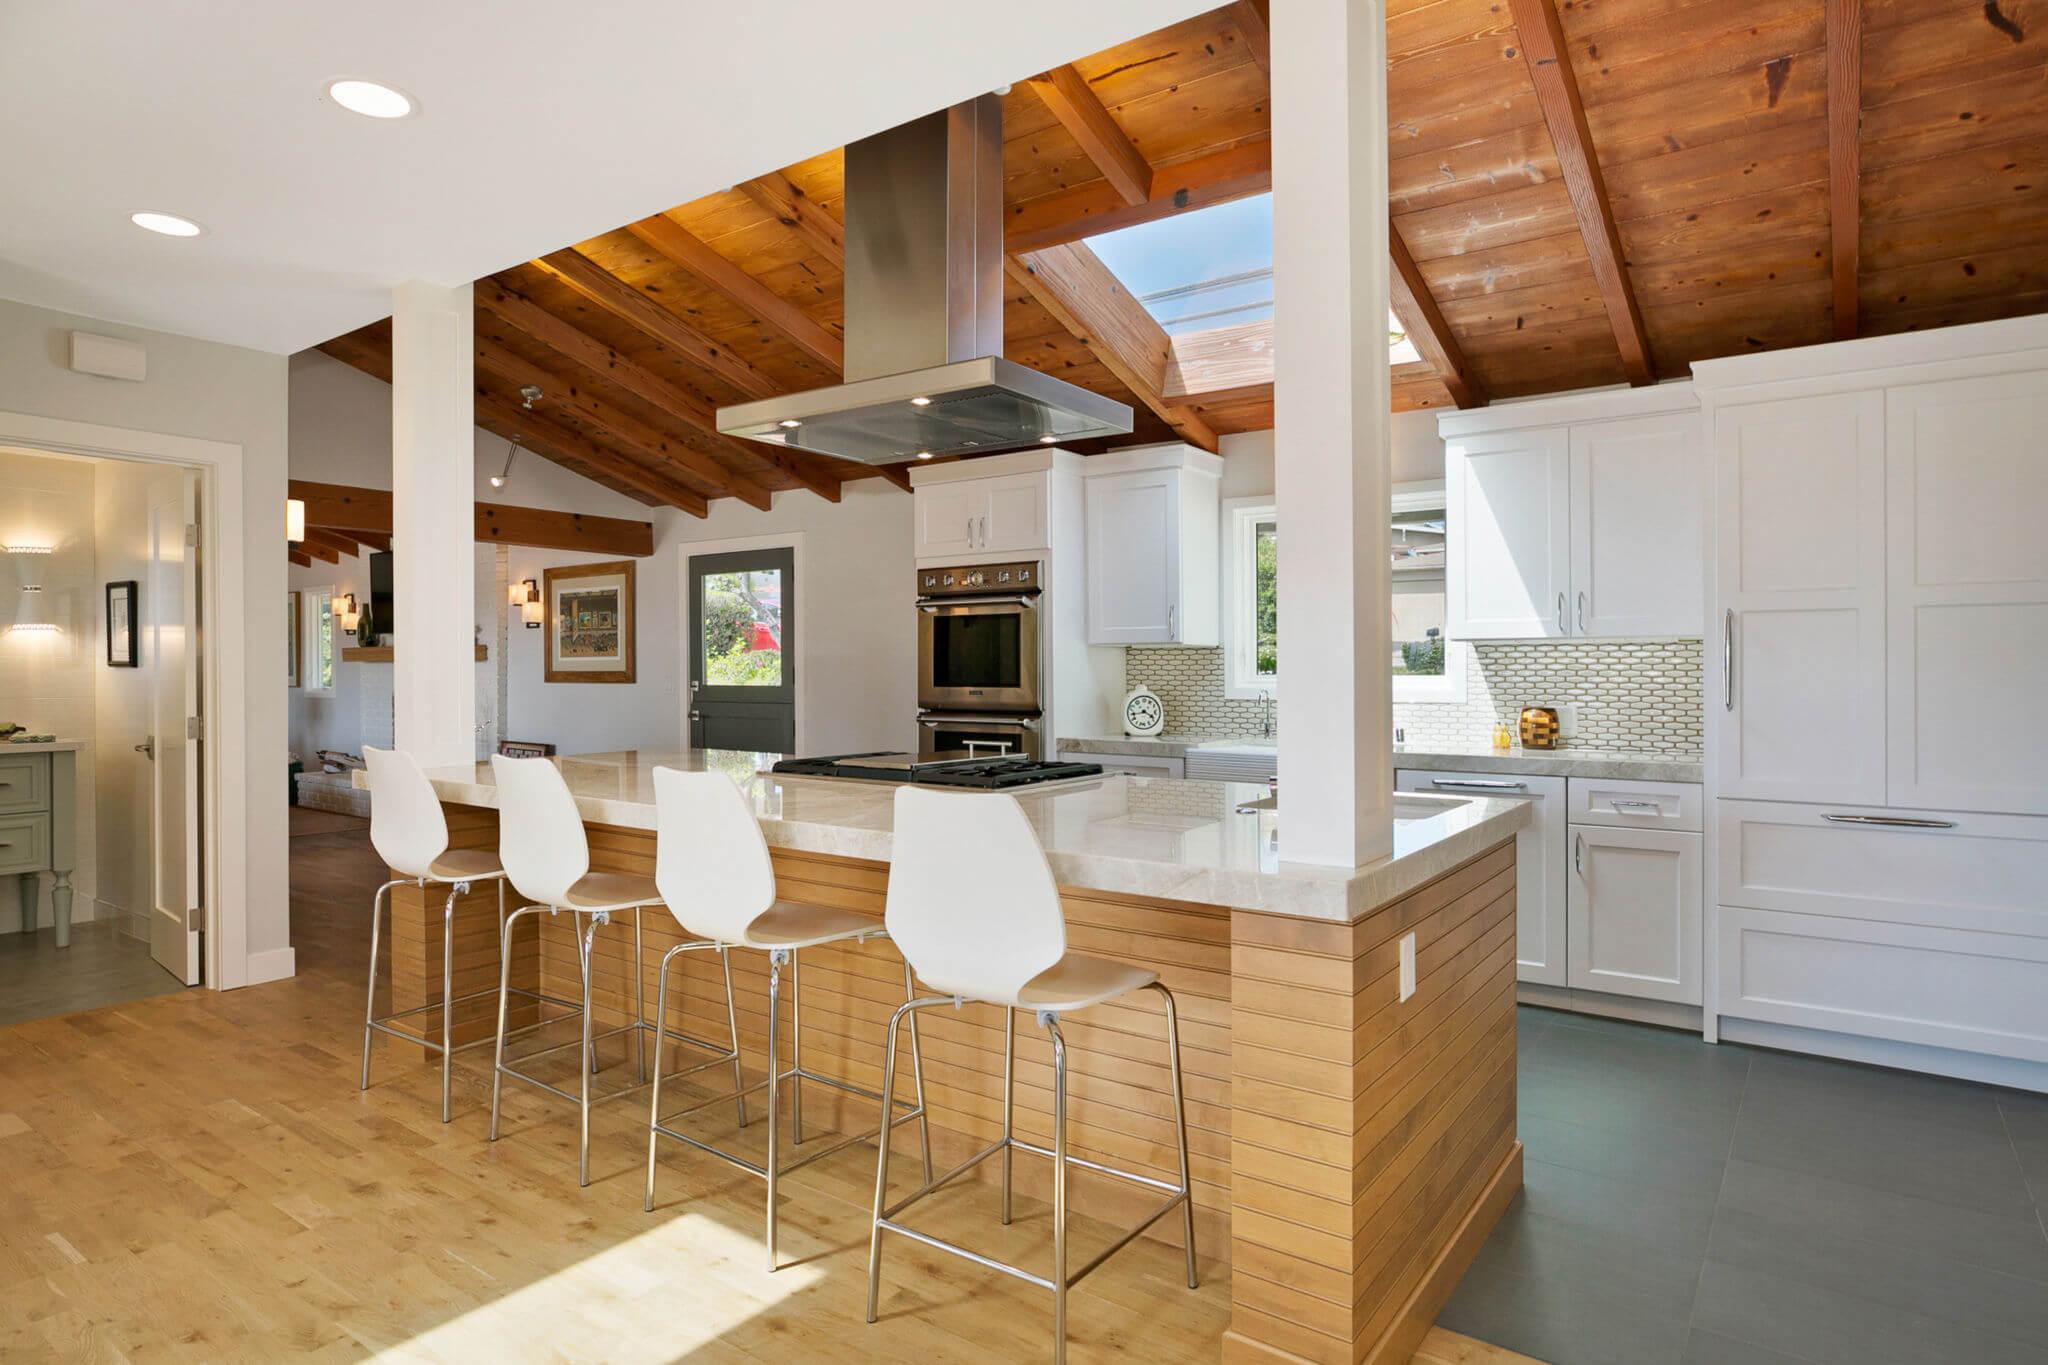 Luxury Kitchen Design Orange County, Large Kitchen Island San Clemente, Custom Kitchen Design Remodeling